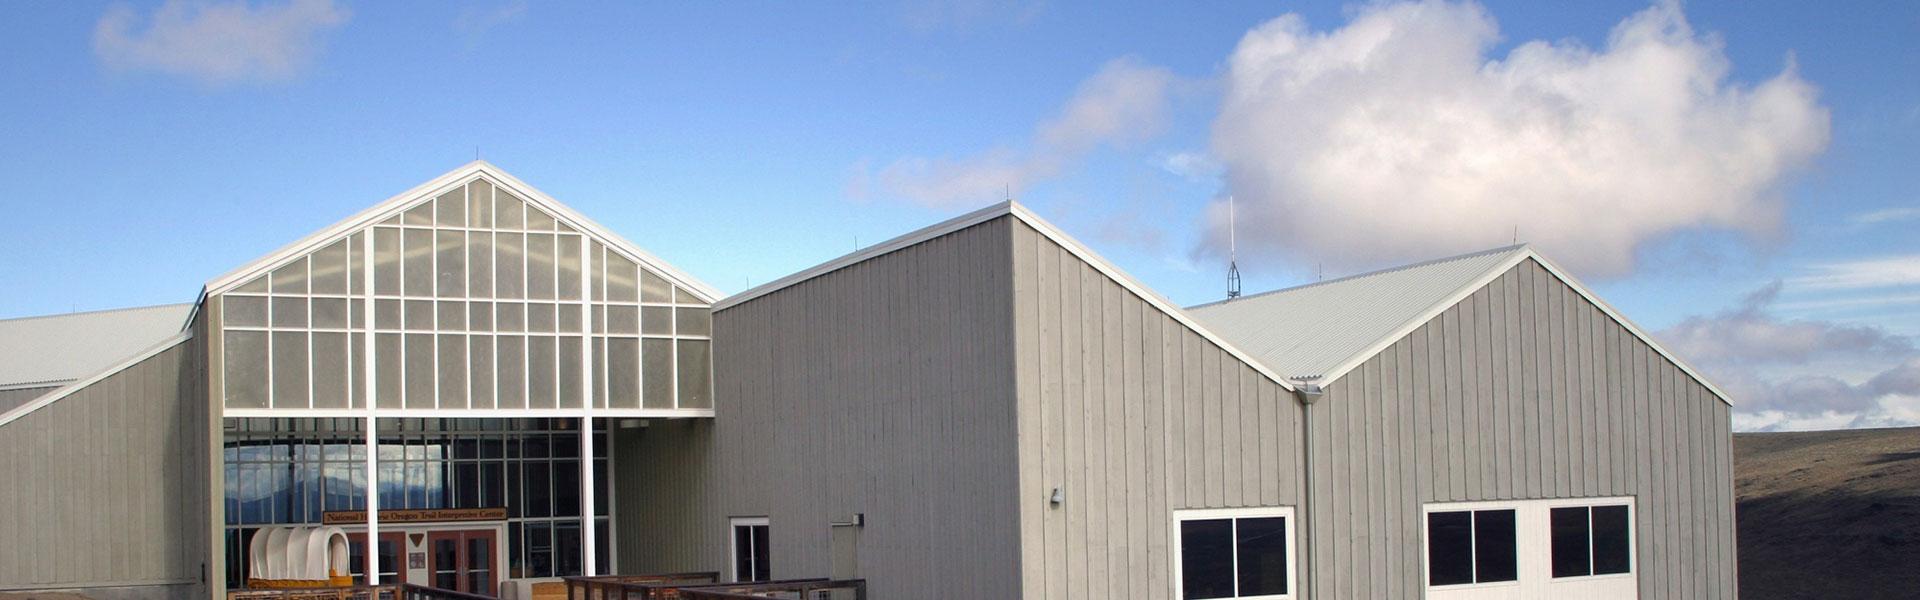 室内空气品质控制-绿色建筑